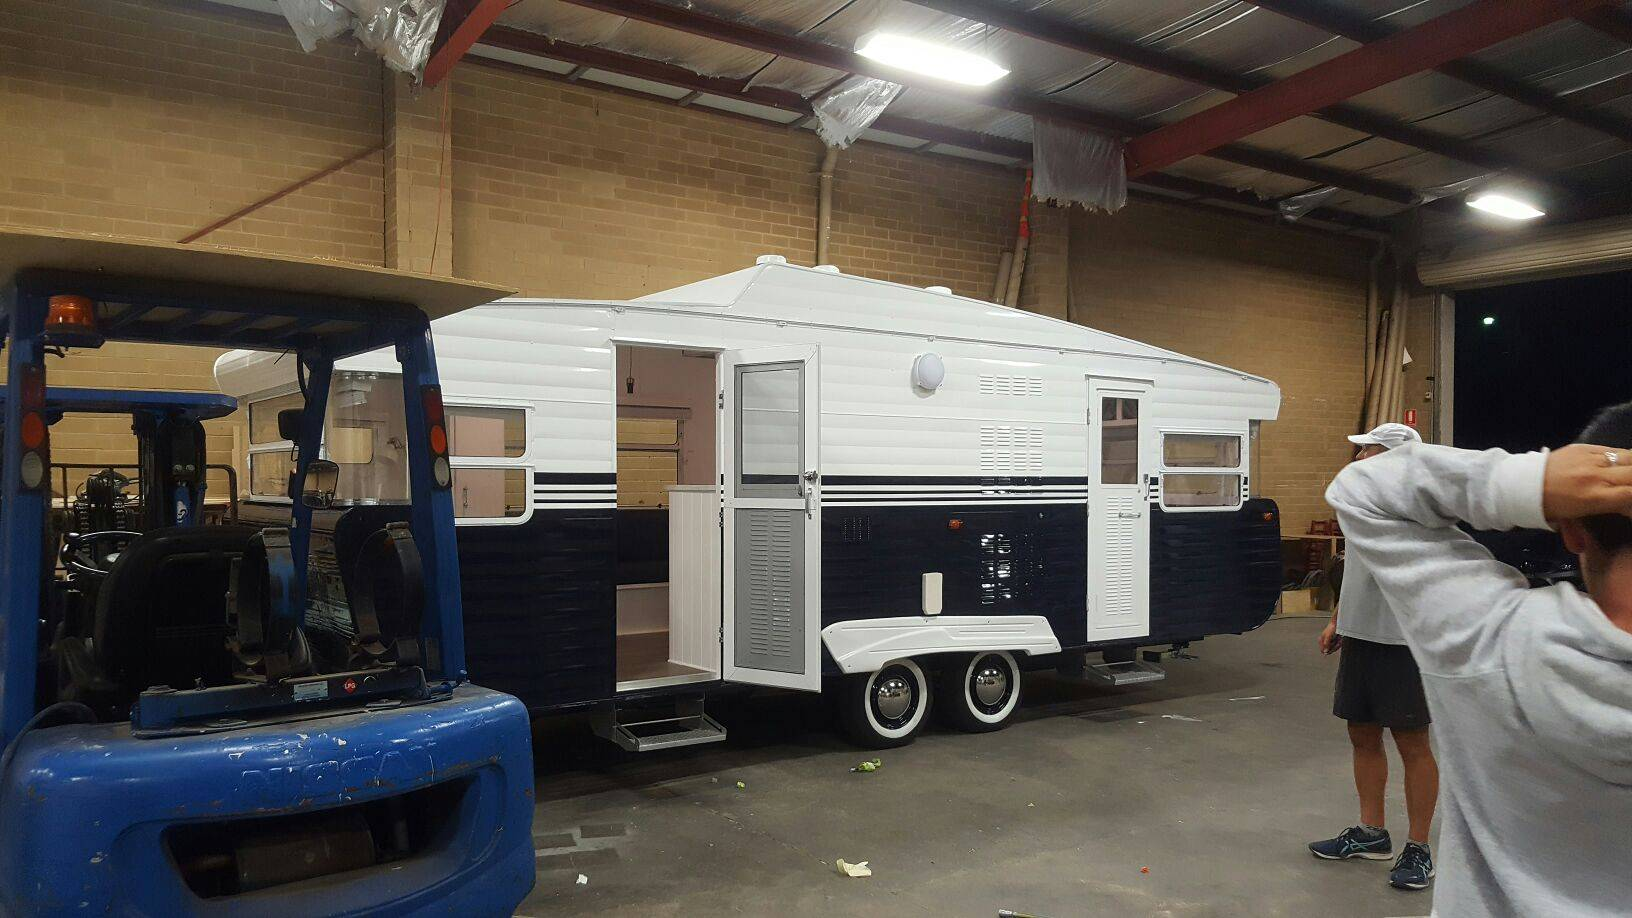 Melbourne caravan rebuild Ace Caravan repairs